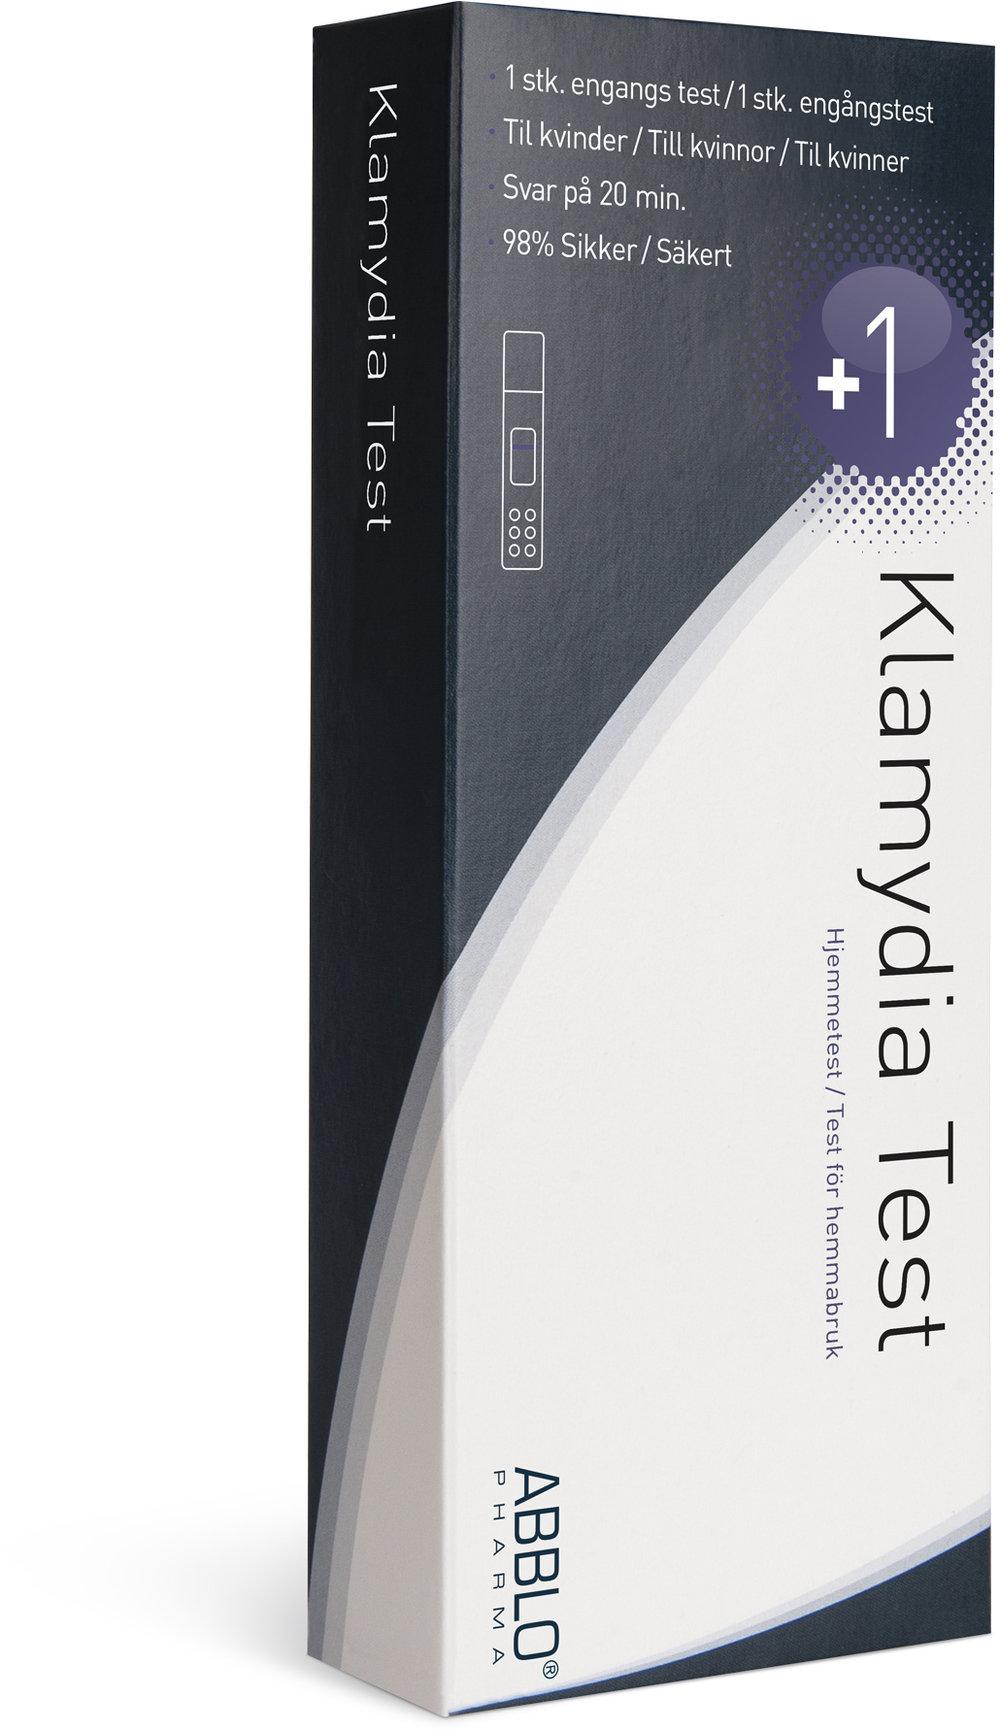 Klamydia print